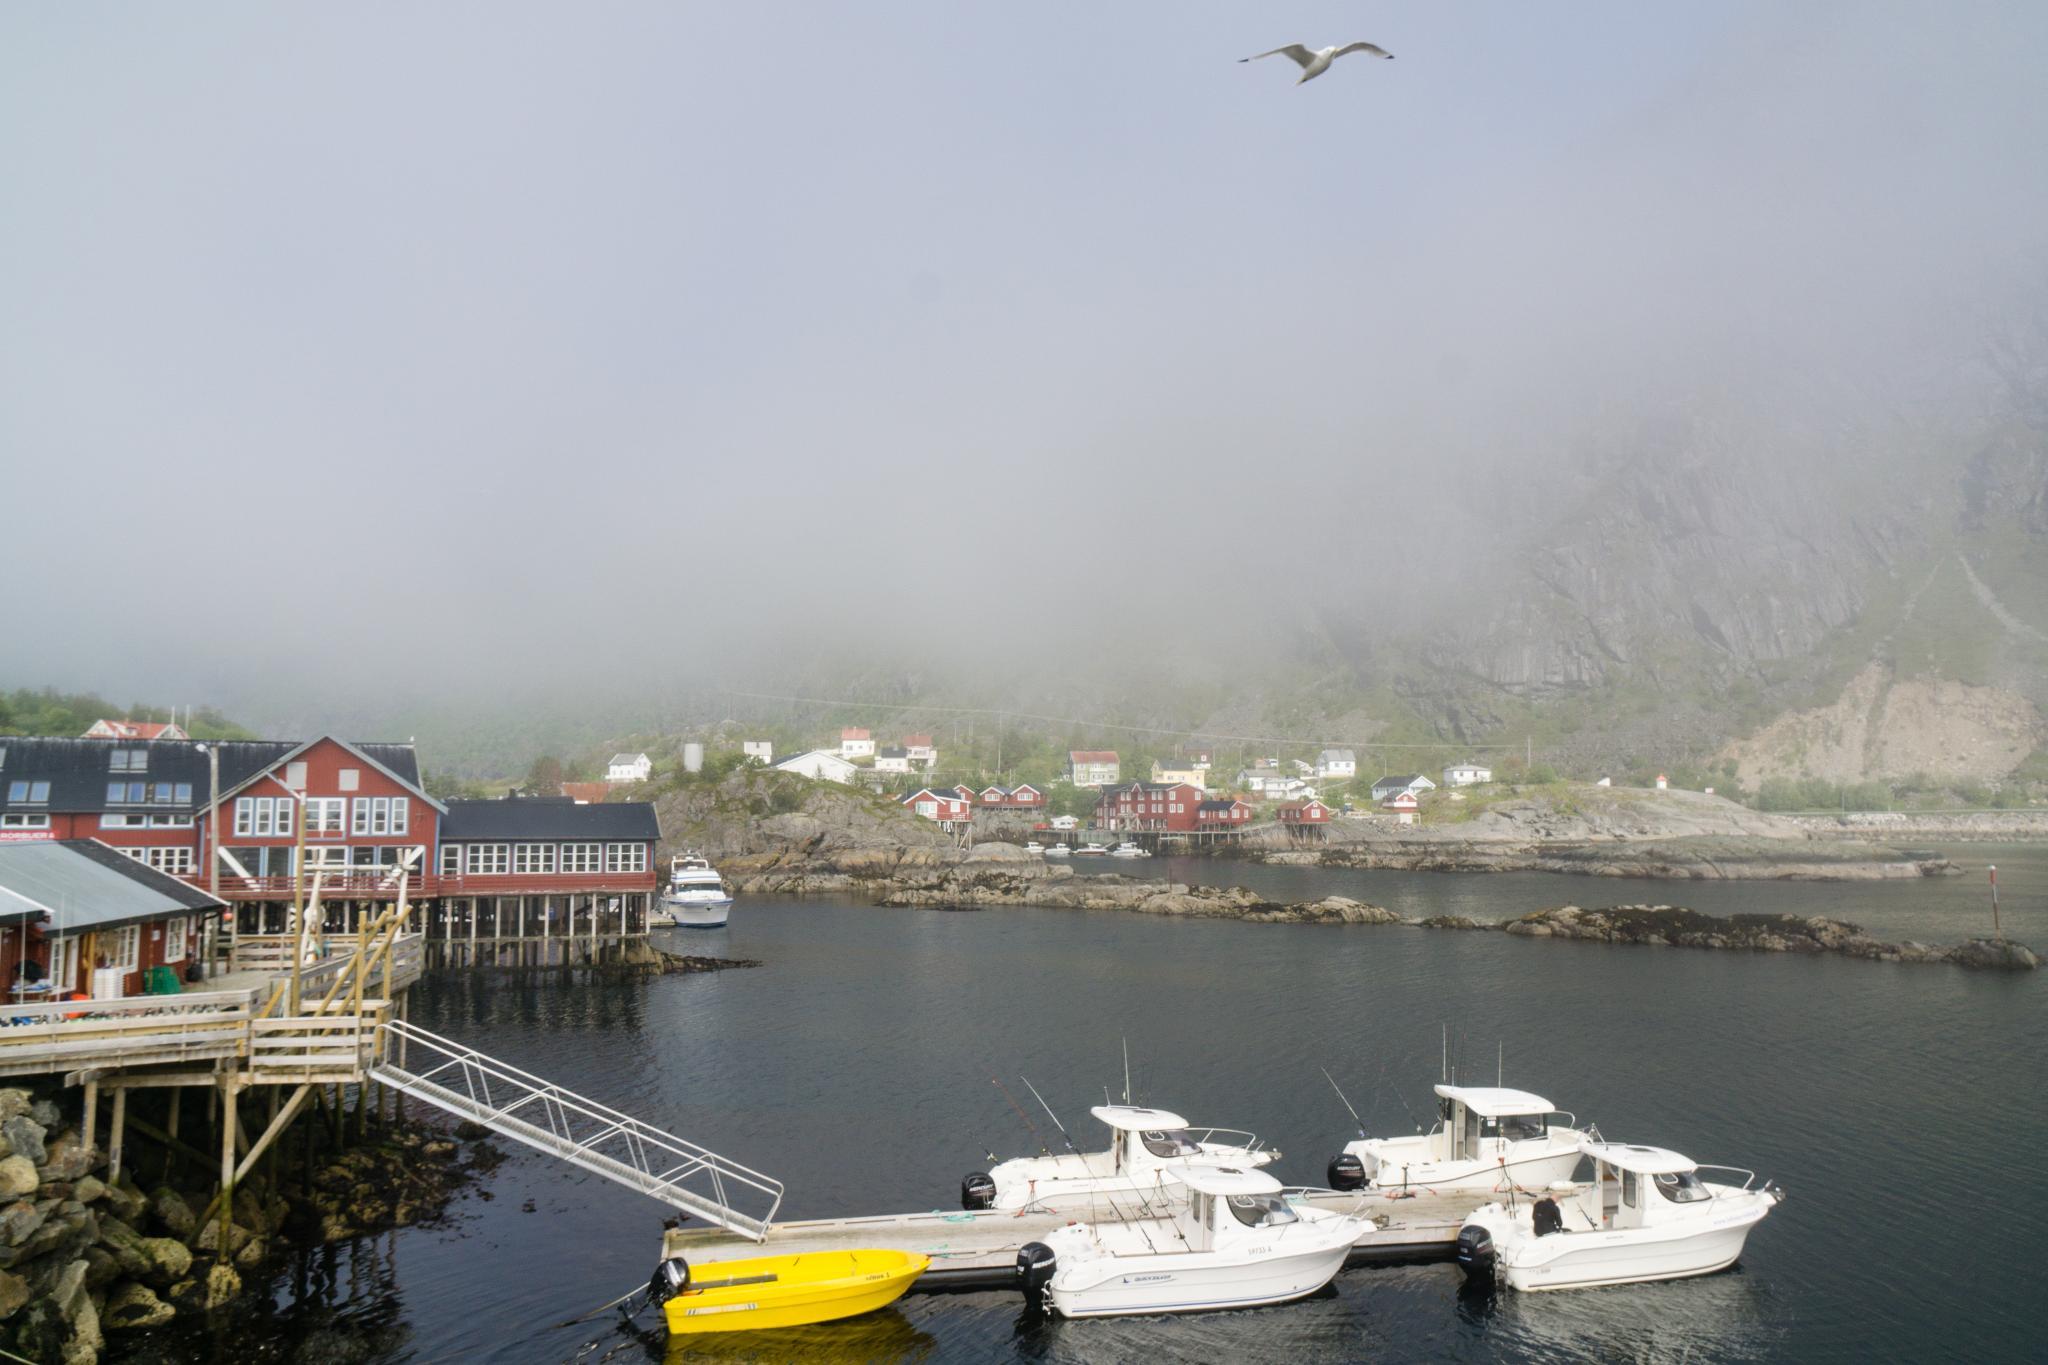 【羅弗敦群島】世界最短的地名 - Å 奧鎮 12